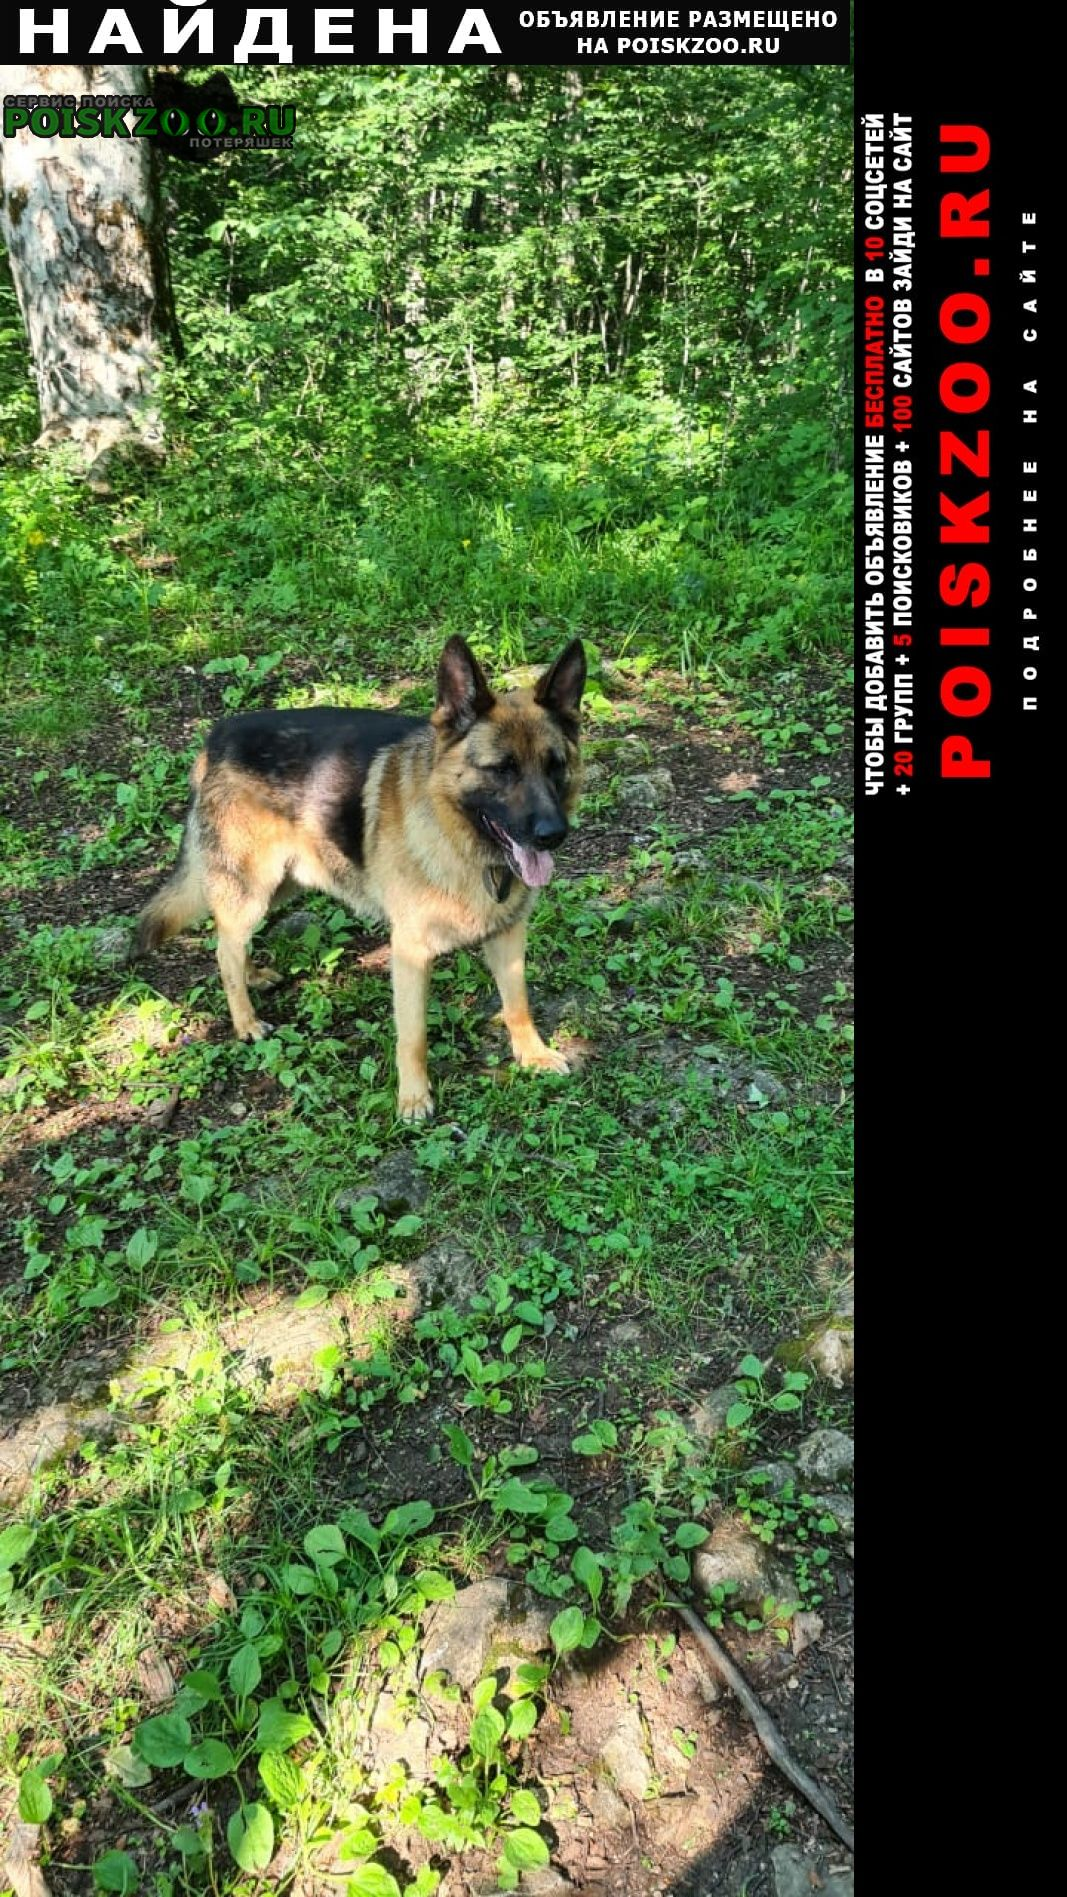 Найдена собака кобель, на шее 2 ошейника Майкоп (Адыгея)